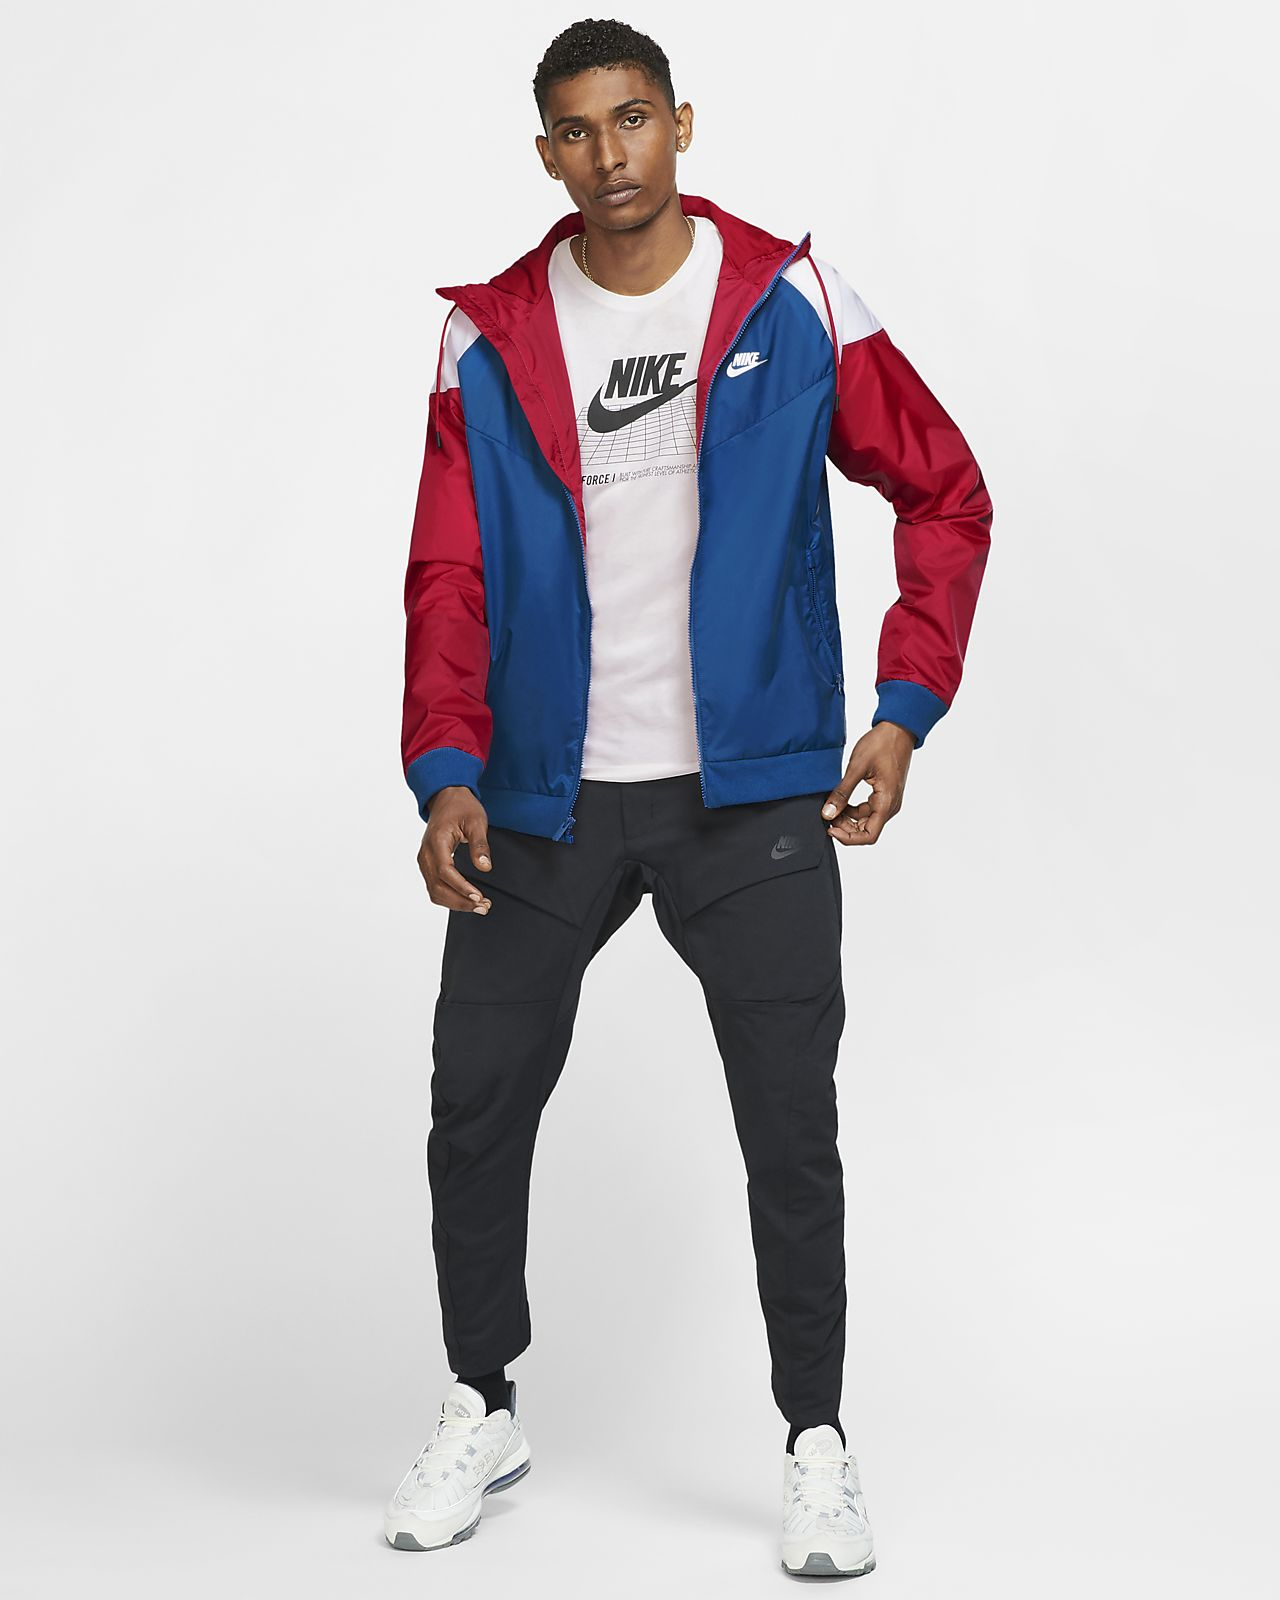 CK0163-477 Large Nike Sportswear WindrunnerTeam Royal//Gym Red//White Model